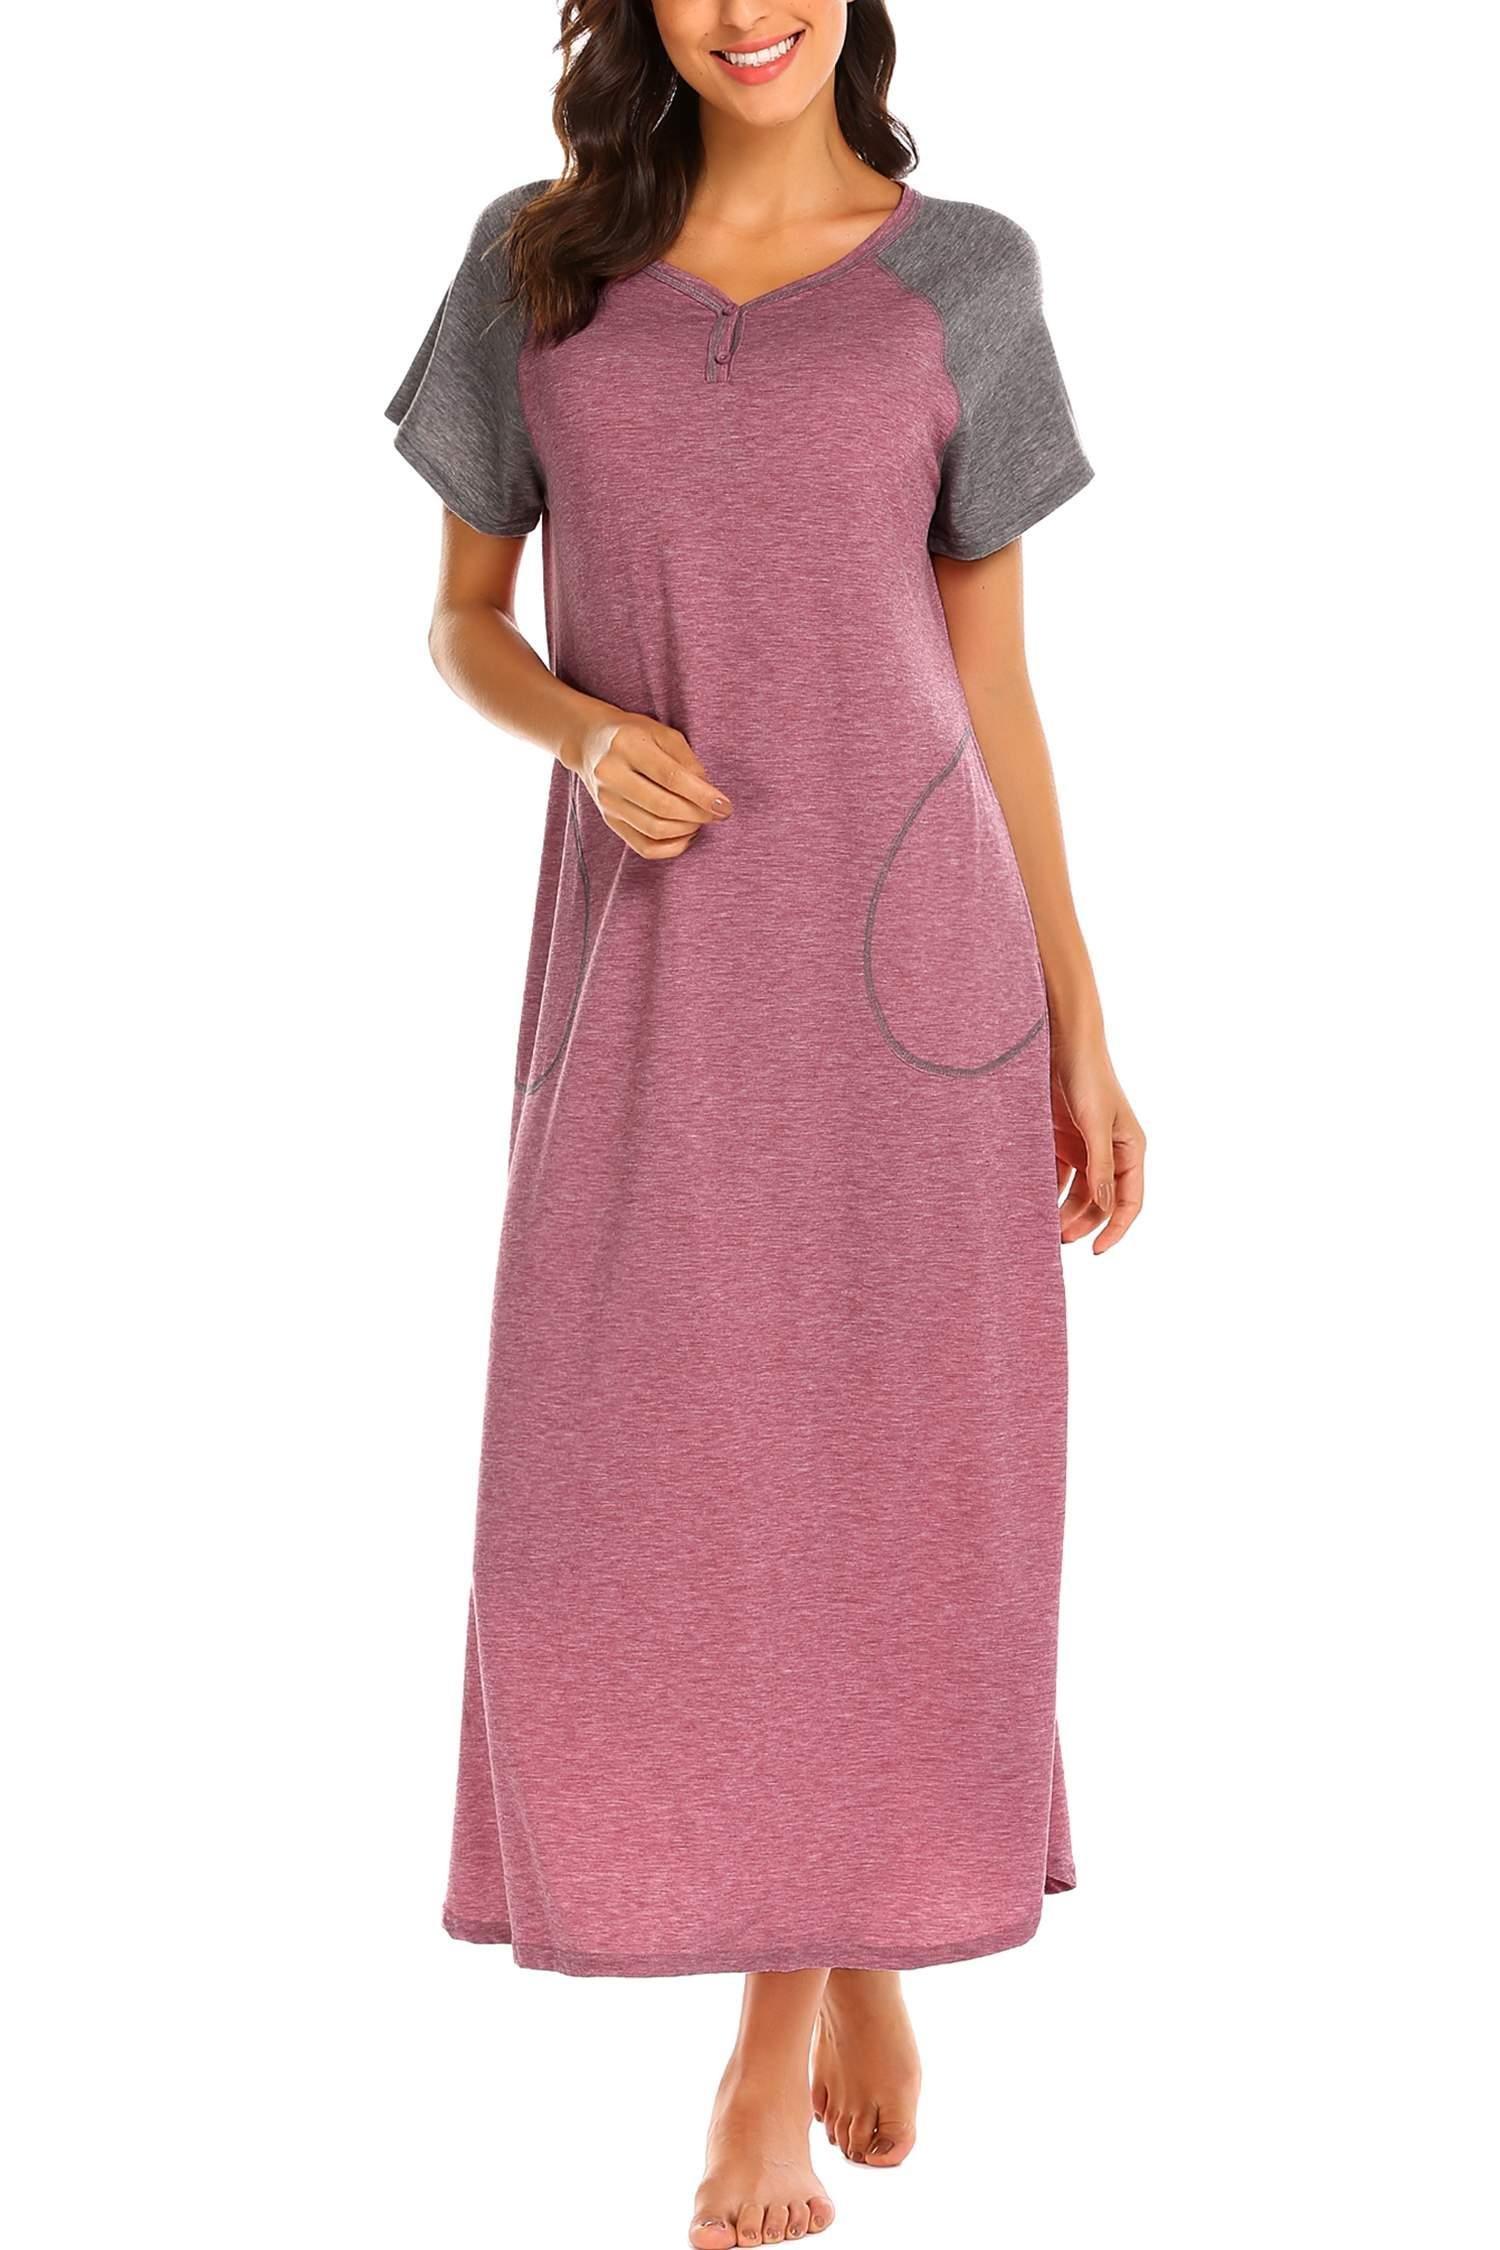 Geschäft wähle authentisch Turnschuhe Skione Nachthemd Damen Nachtkleid warm Lang Herbst Winter Schlafkleid  Langarmshirt dick Schlafshirt